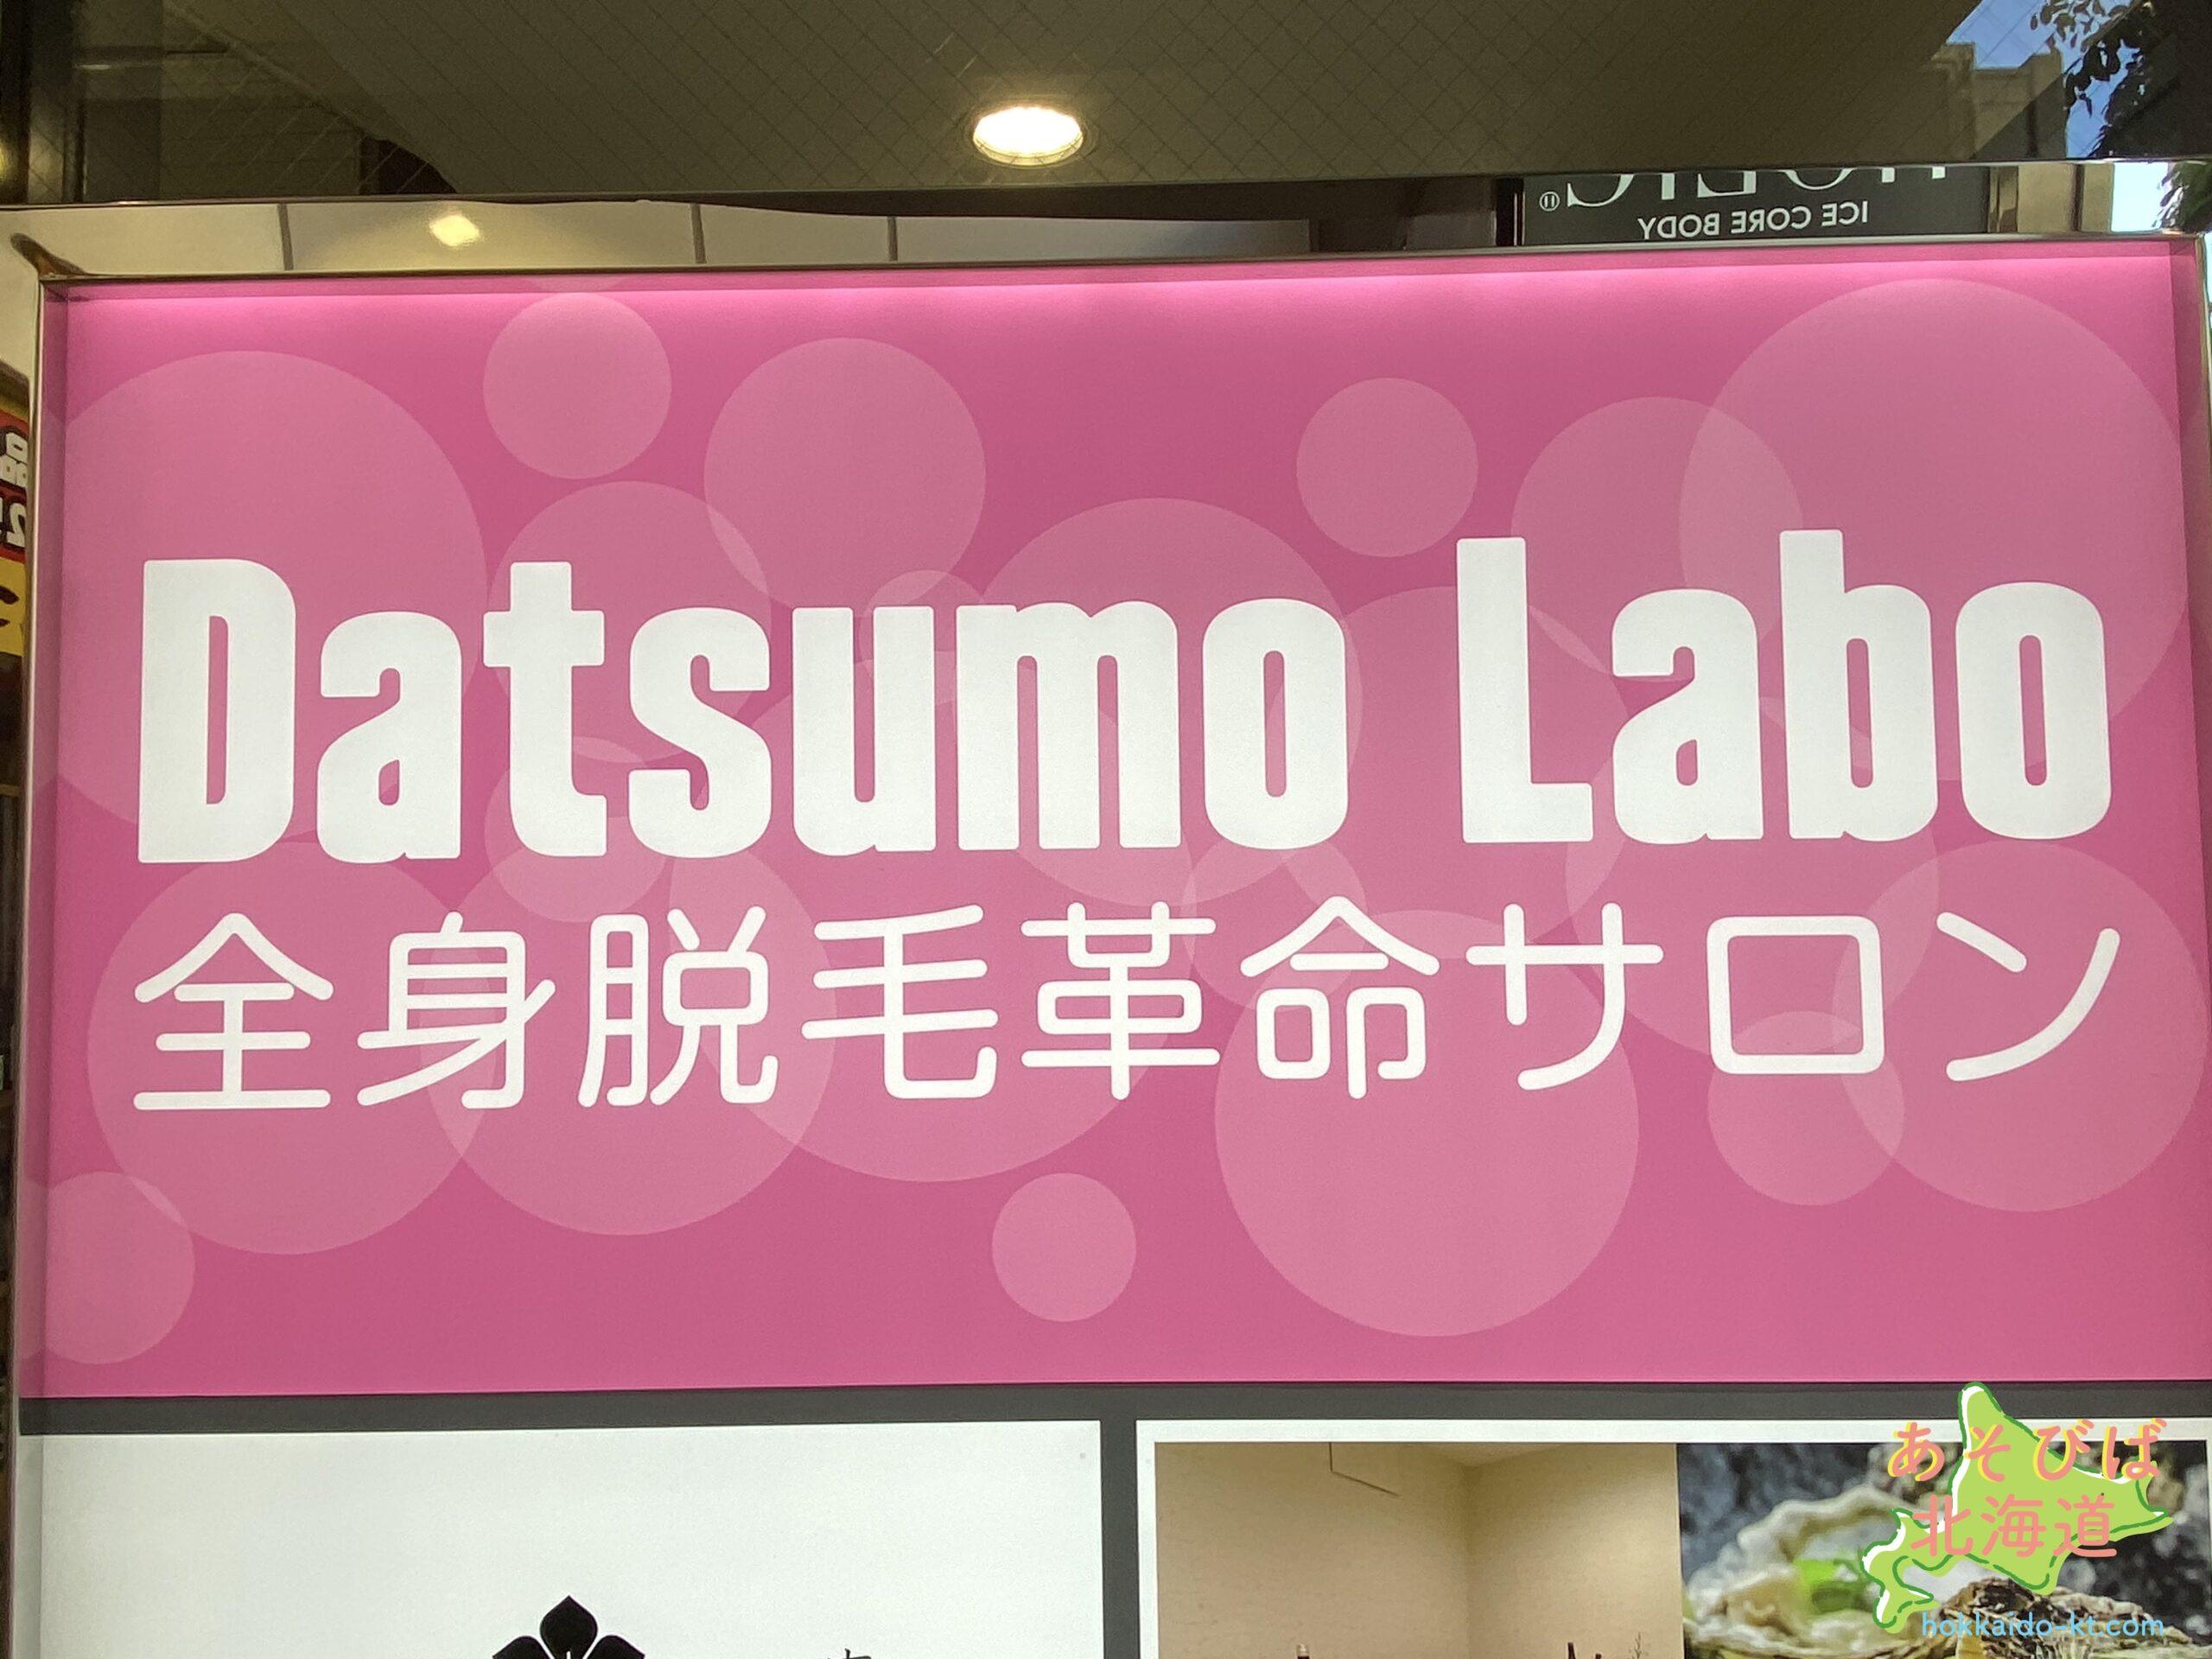 脱毛ラボ札幌店